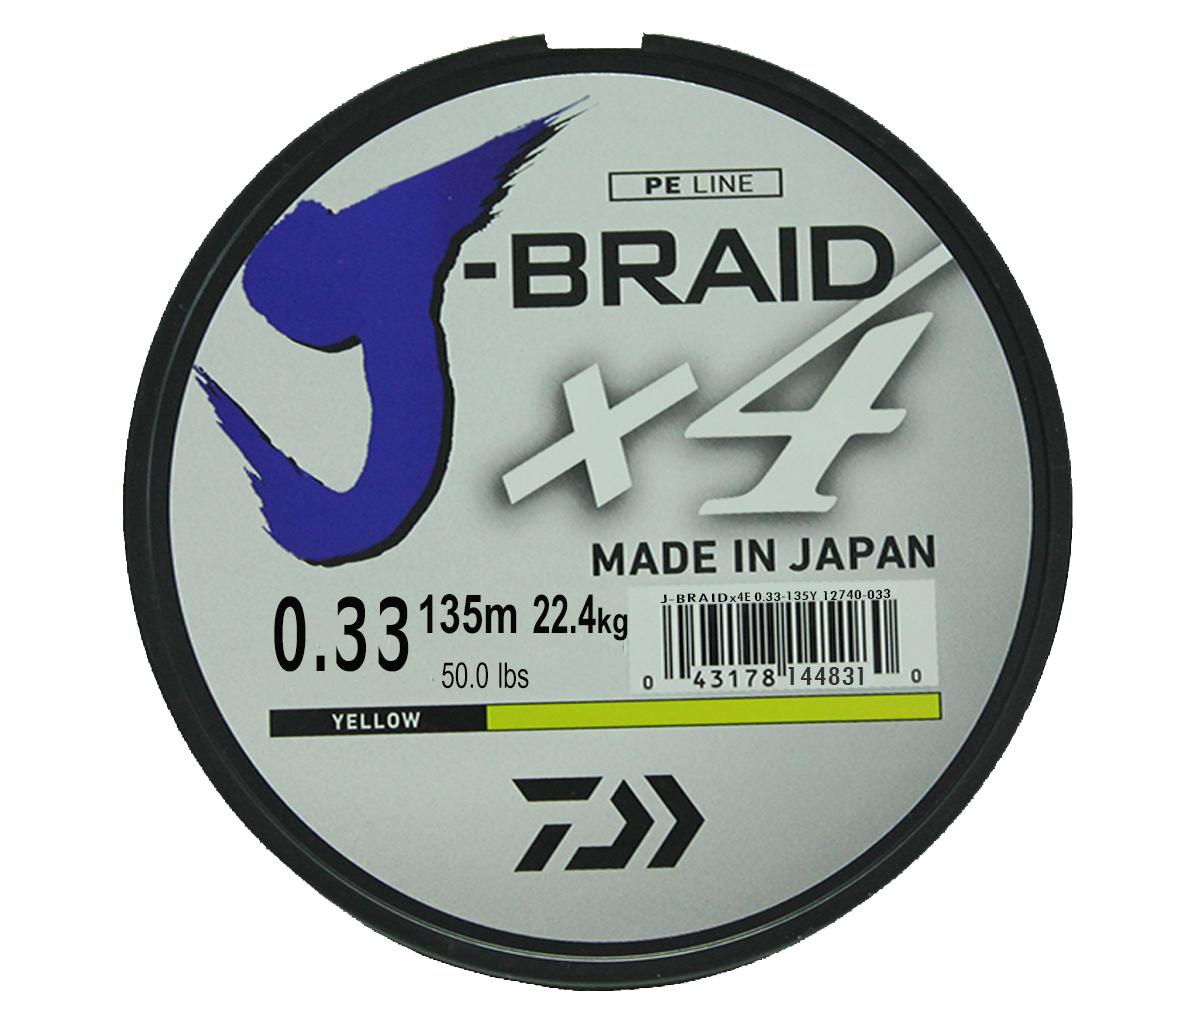 Шнур плетеный Daiwa J-Braid X4, цвет: флуоресцентный желтый, 135 м, 0,33 мм61144Новый 4х жильный шнур J-Braid, DAIWA - шнур высокого класса с удивительным соотношением цены и качества. Качество плетения полностьюсоответствует японским стандартам и удовлетворяет всем требованиям. Представленные диаметры позволяют использовать шнур для всех техникловли, начиная от ultra- light ловли окуня, до морской ловли палтуса, трески и т.д